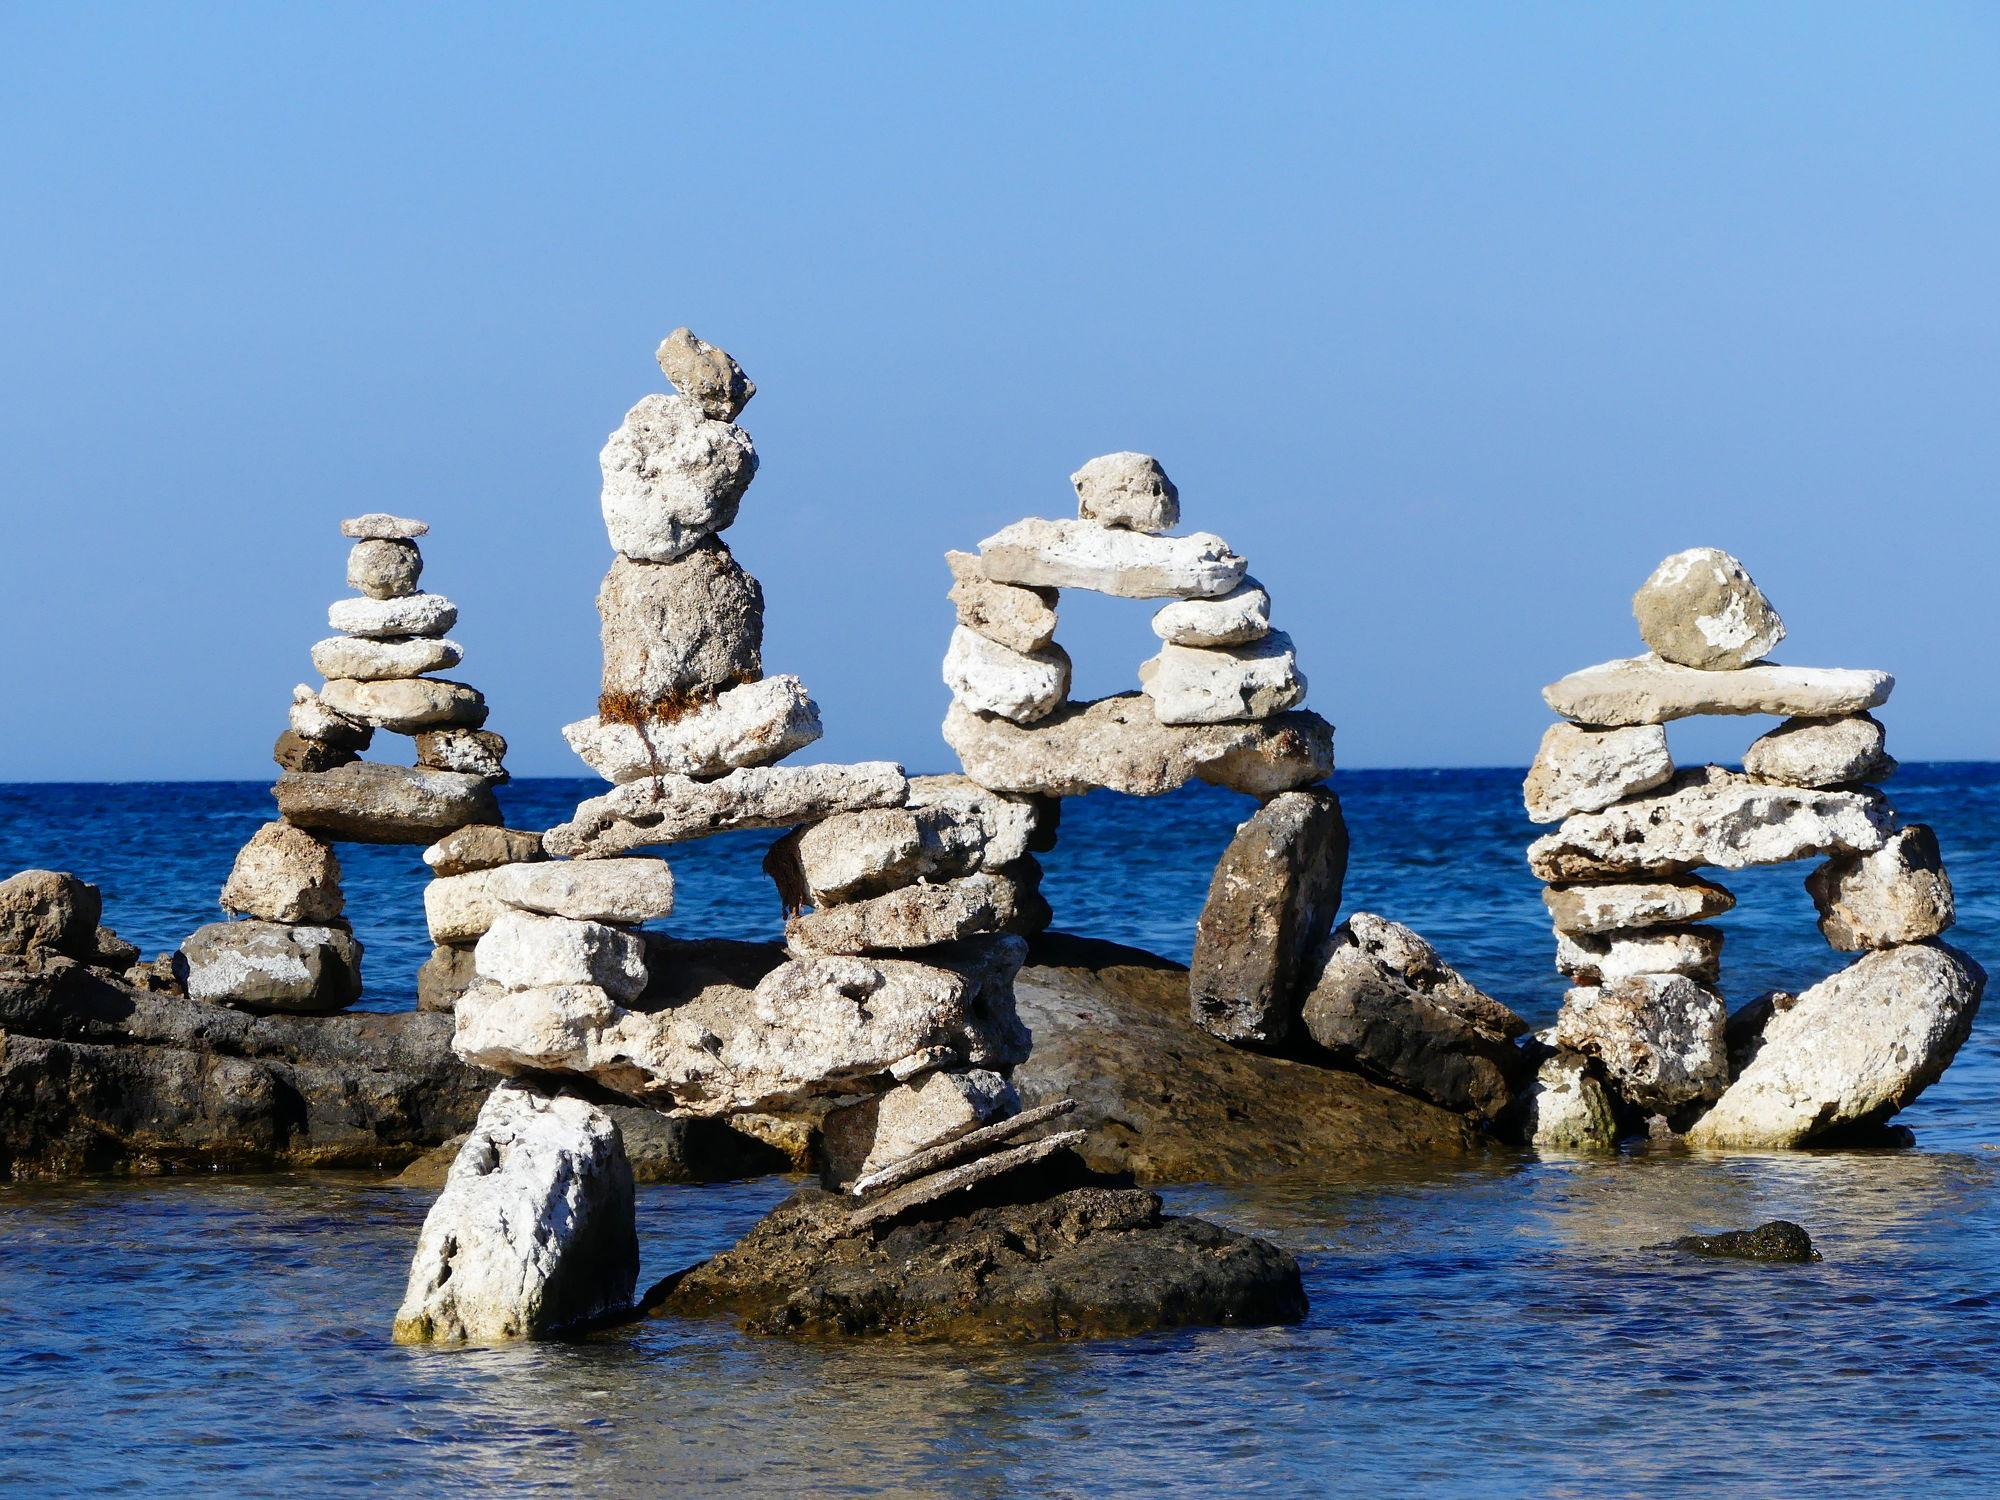 Bild mit Urlaub, Strand, Meer, Steine, gestapelte Steine, Griechenland